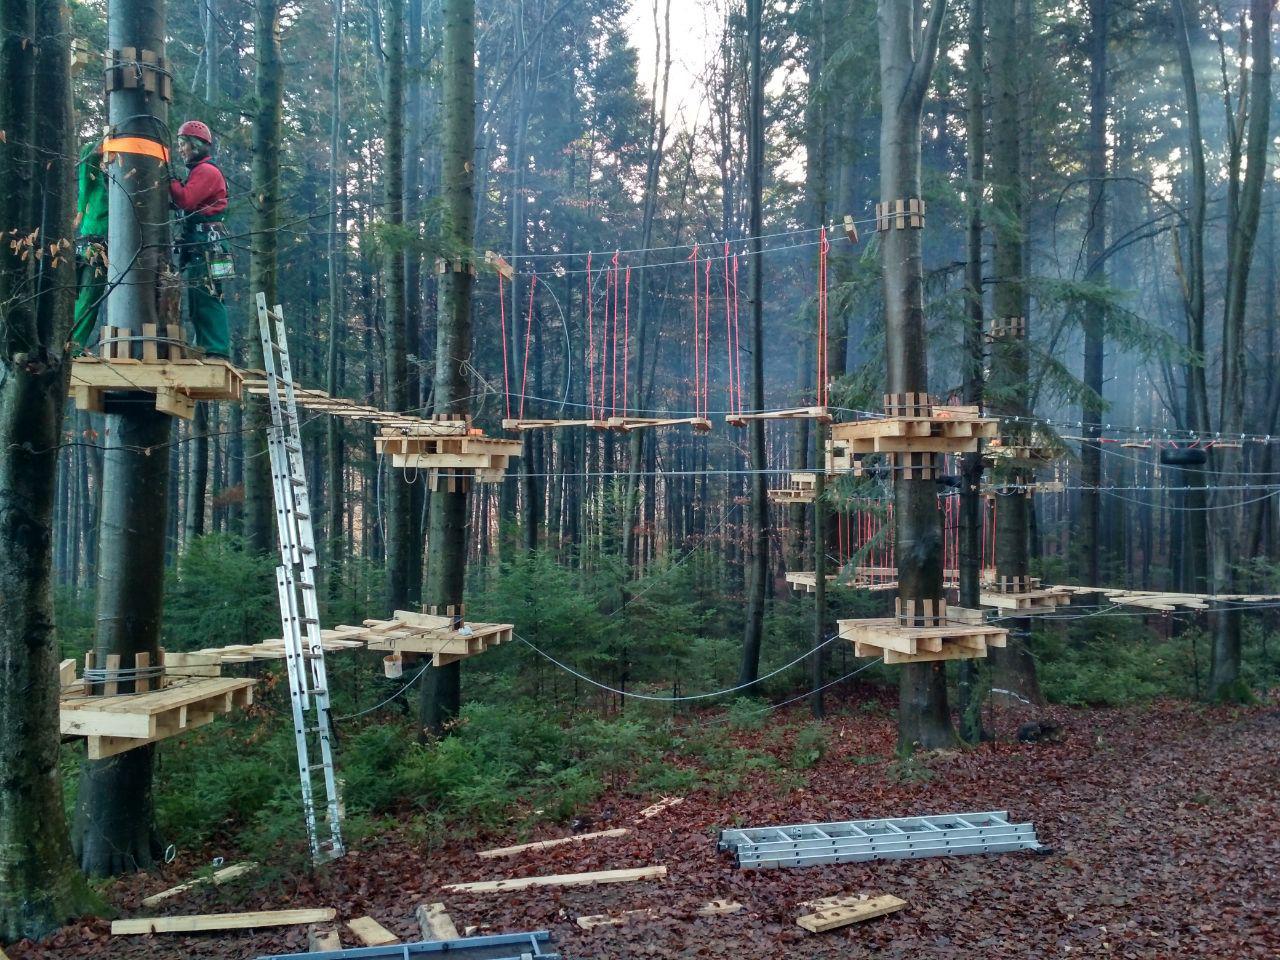 У лісгоспі на Франківщині встановили мотузковий парк для дітей 10